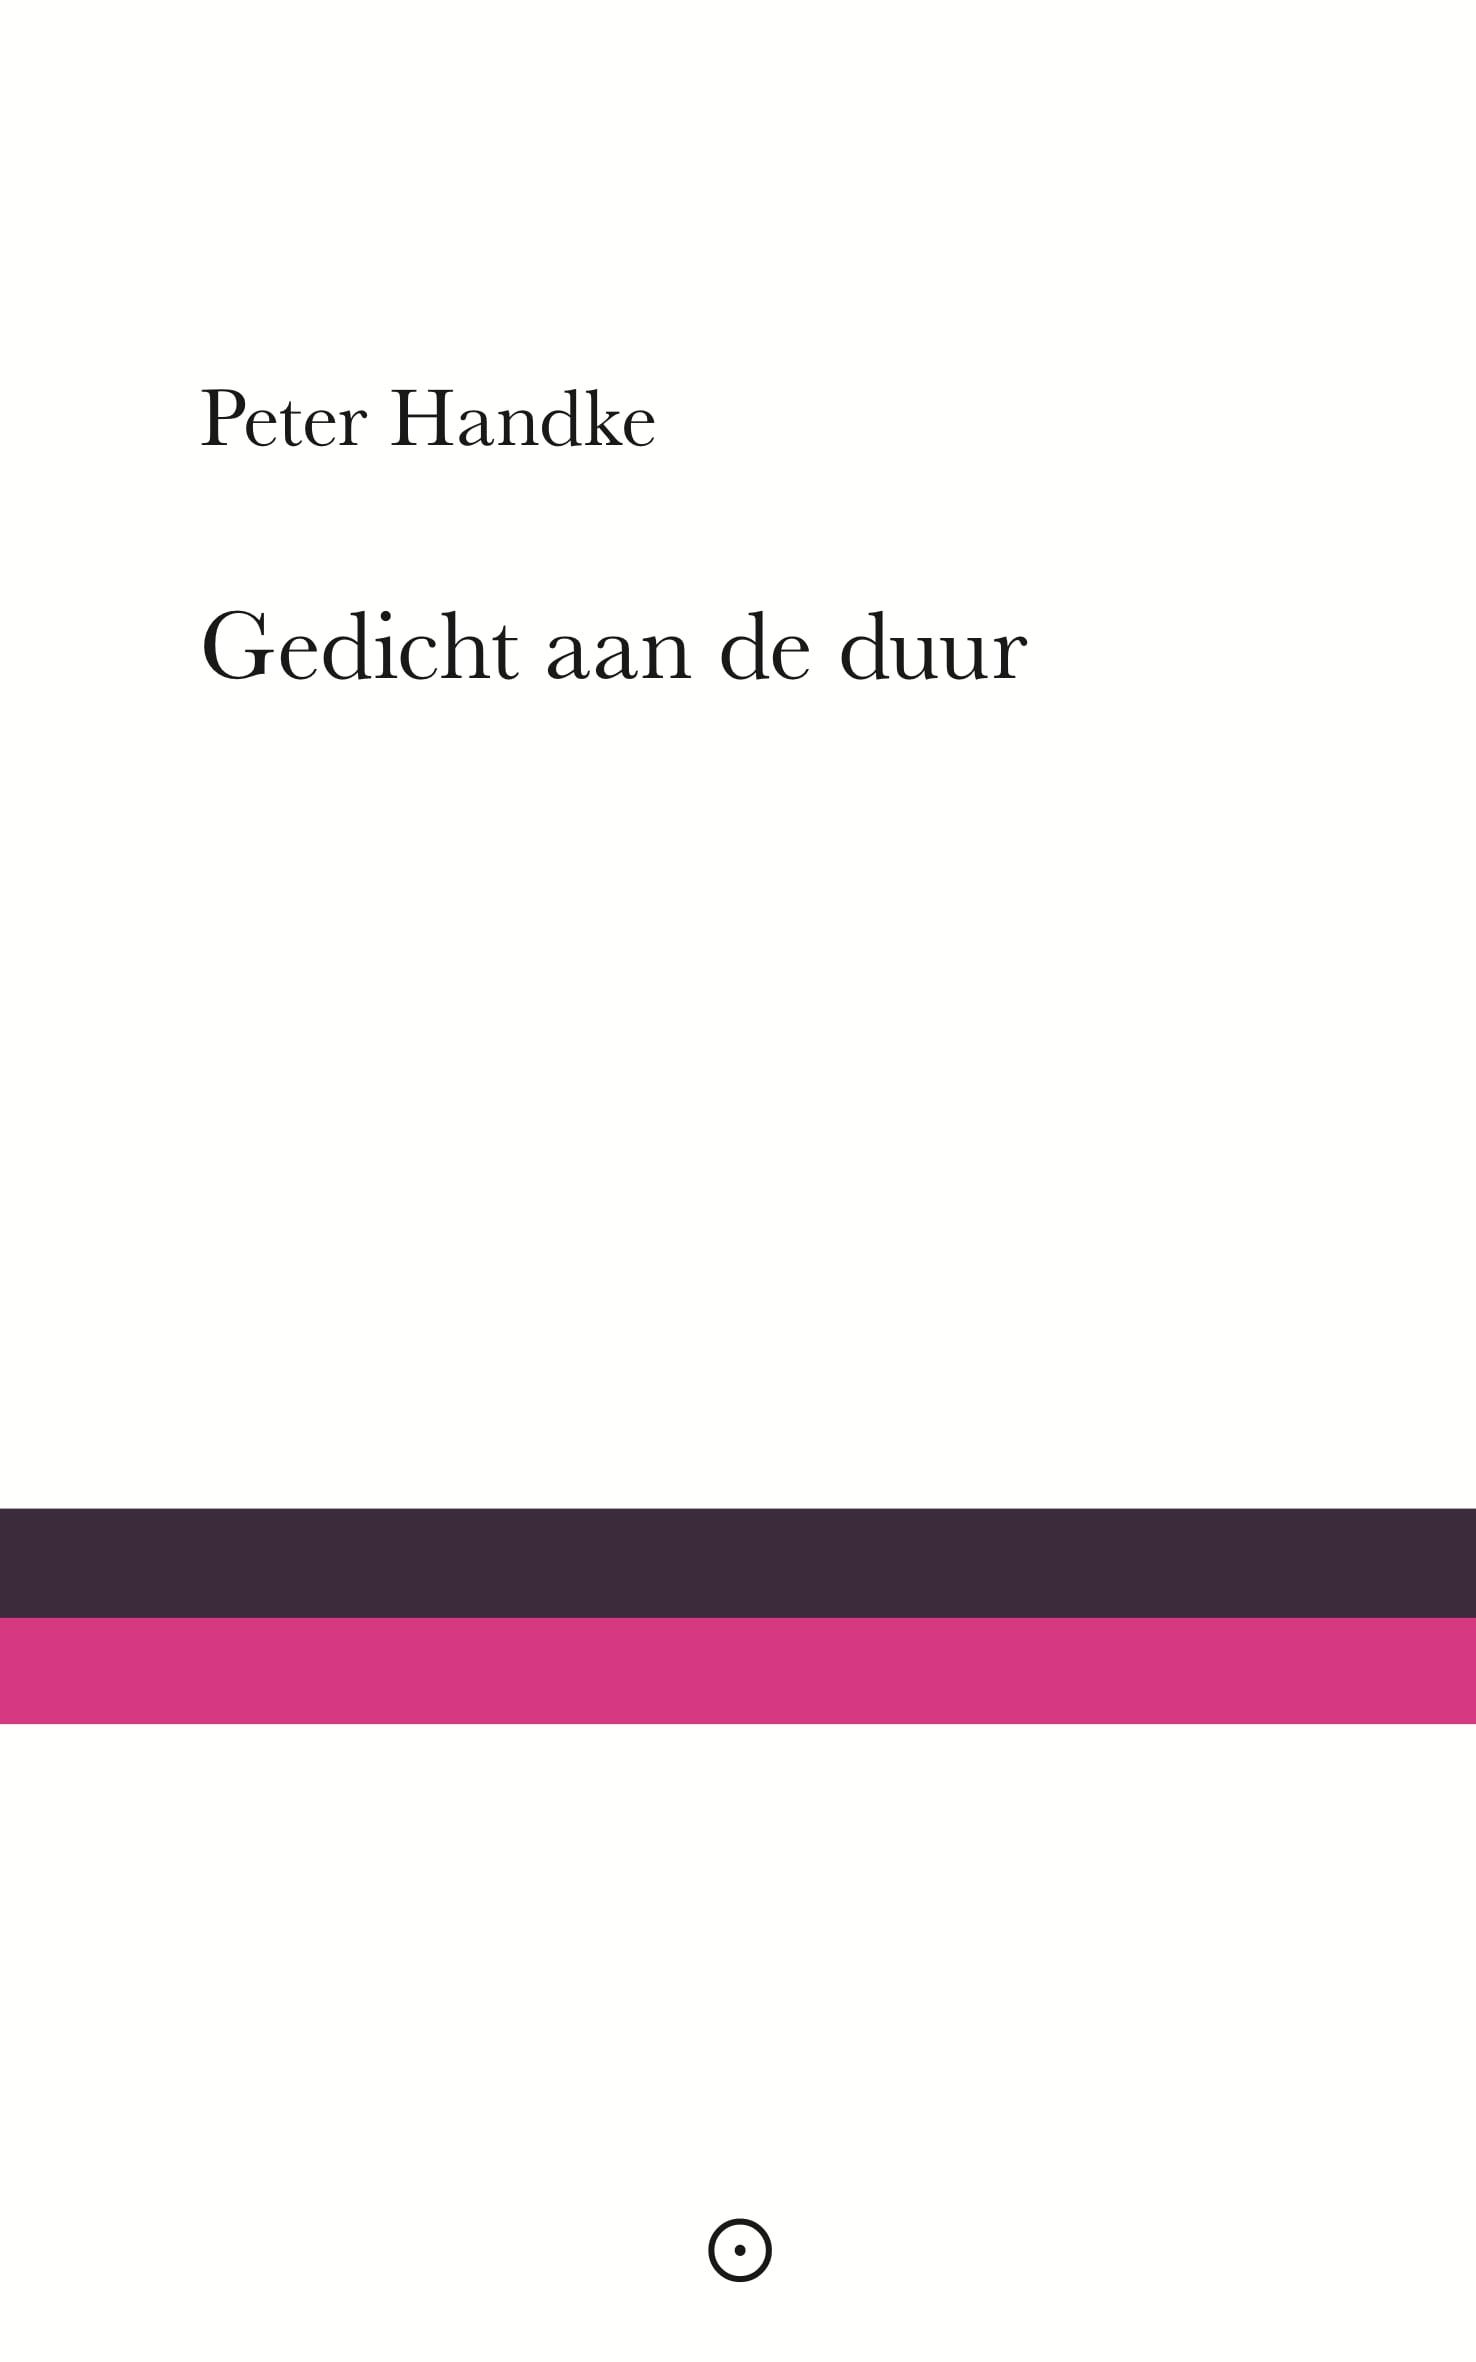 Gedicht aan de duur – Peter Handke